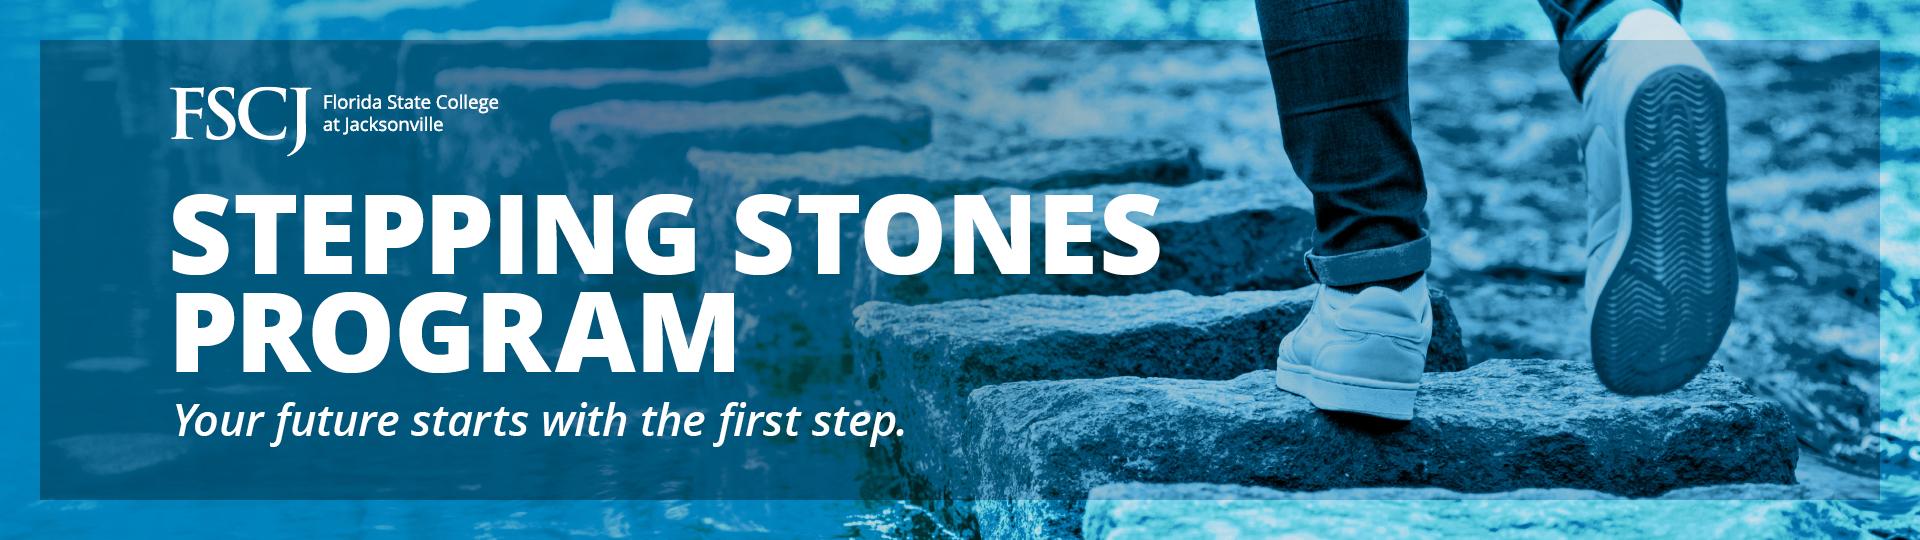 Stepping Stones program banner